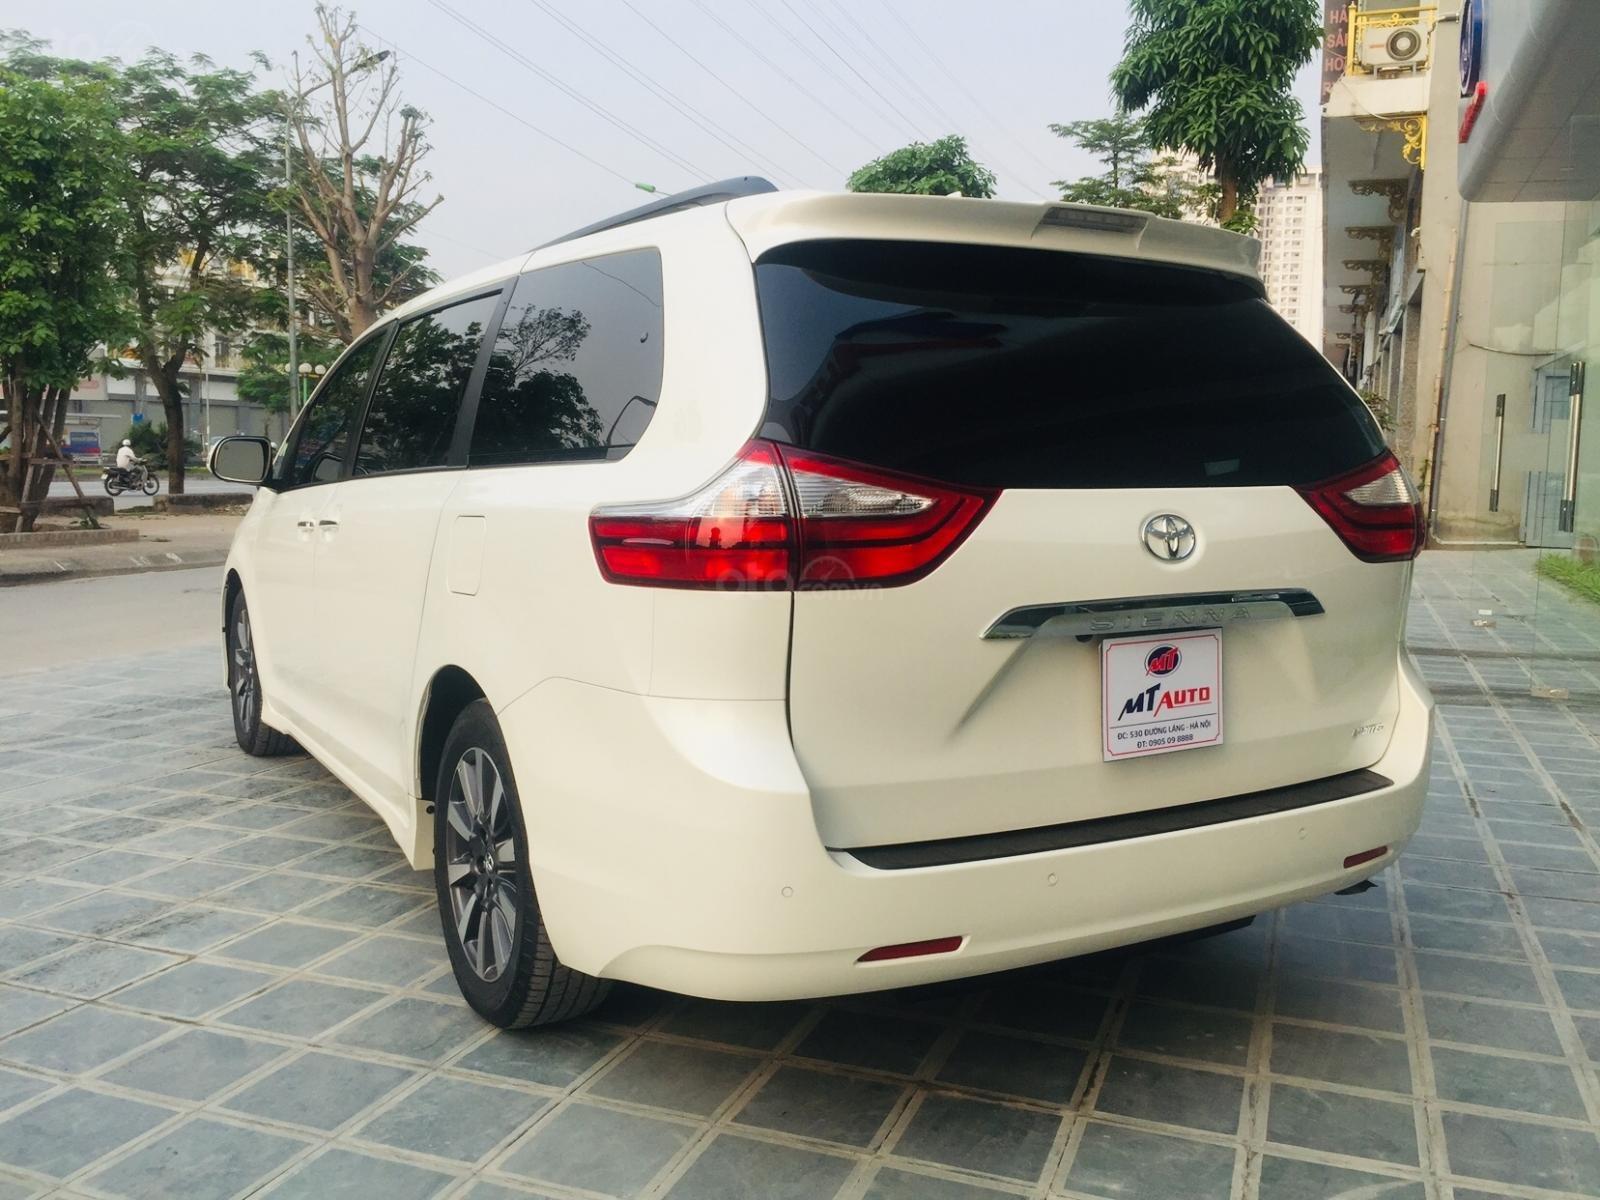 Bán xe Toyota Sienna Limited sản xuất 2018, siêu lướt, giao xe toàn quốc, LH Ms Ngọc Vy 093.996.2368 (4)